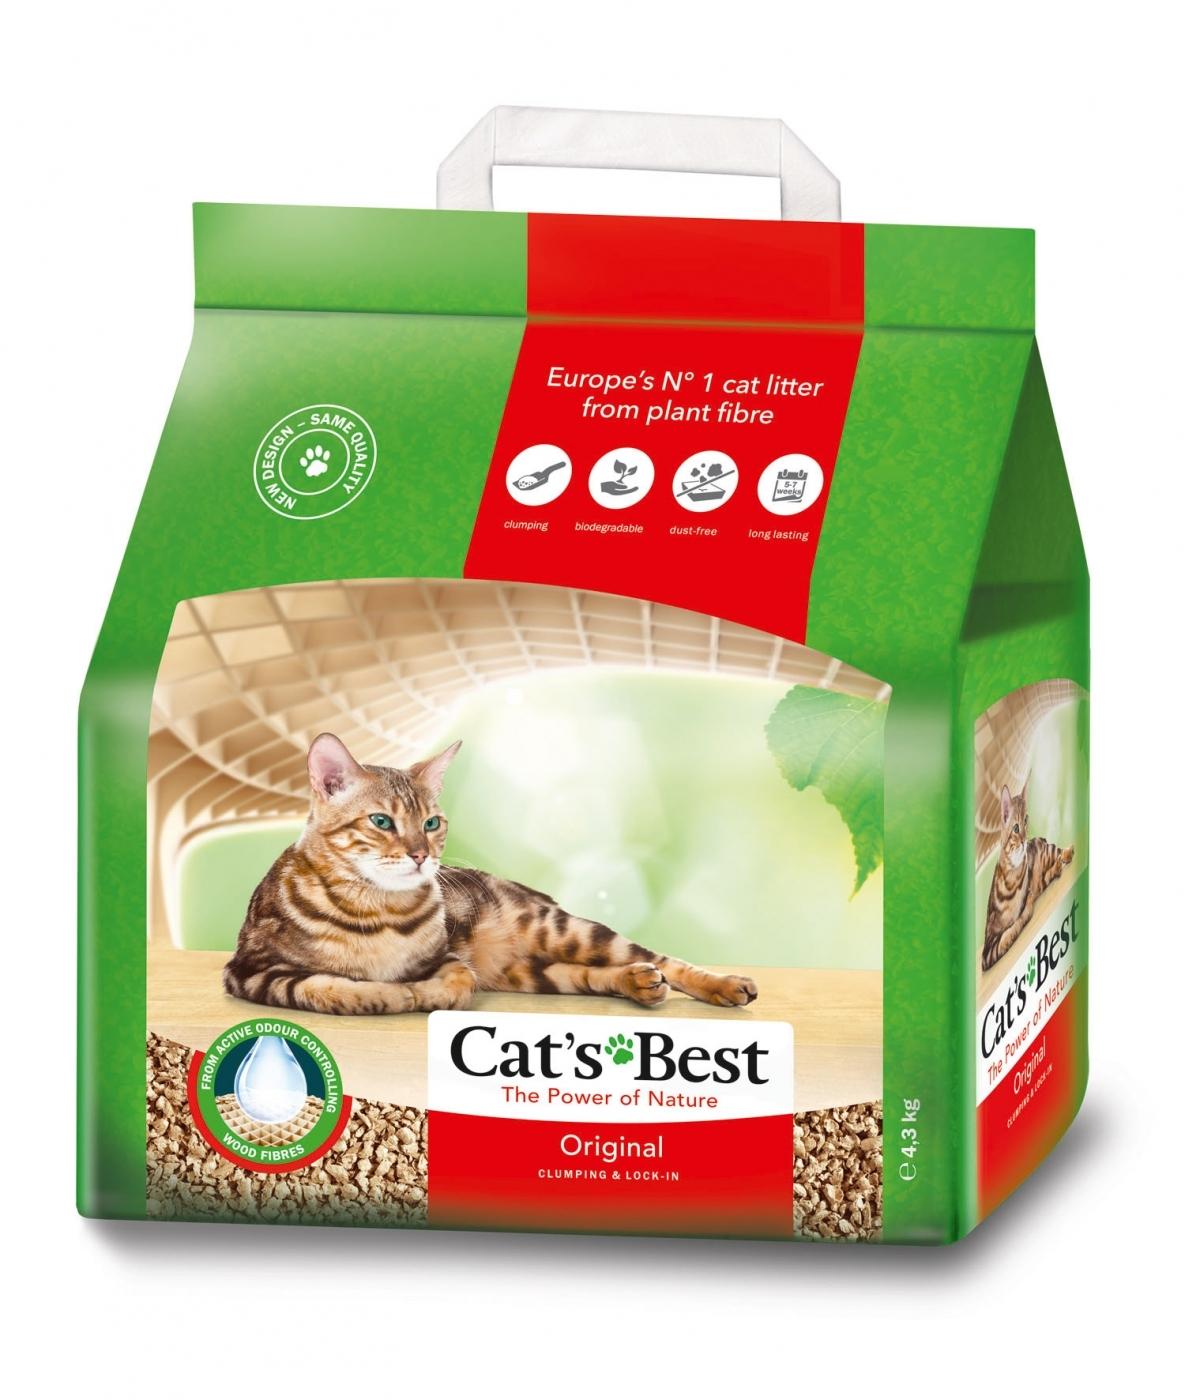 CAT'S BEST ORIGINAL(OKO PLUS) 5L(aglom.si wc)2,1kg